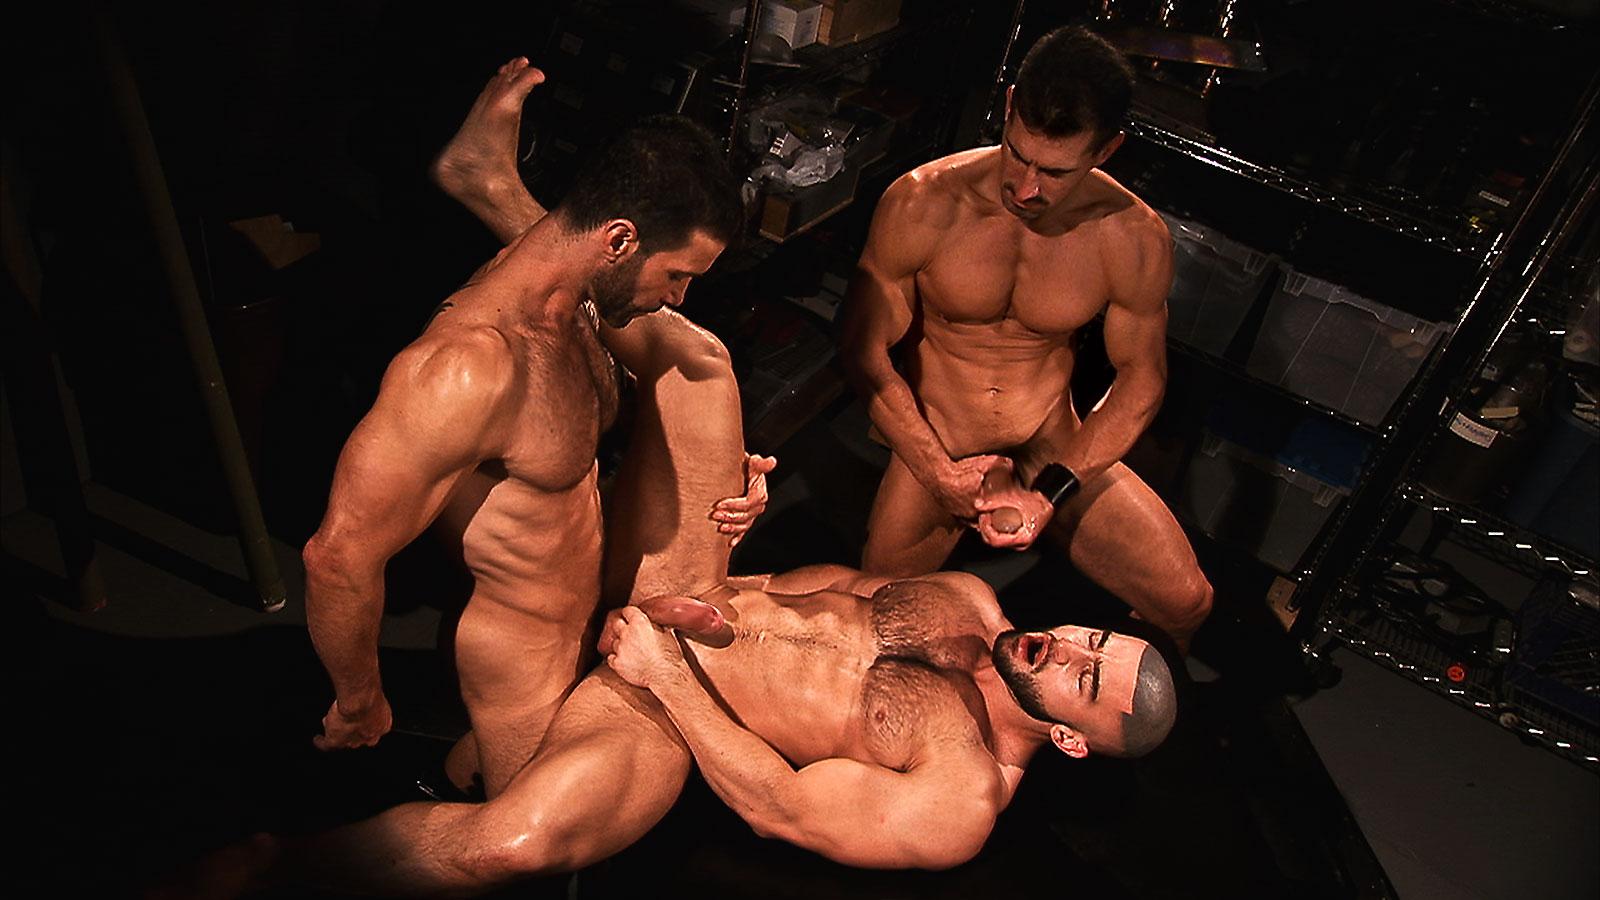 Mp4 porn 3d pictur nudes galleries